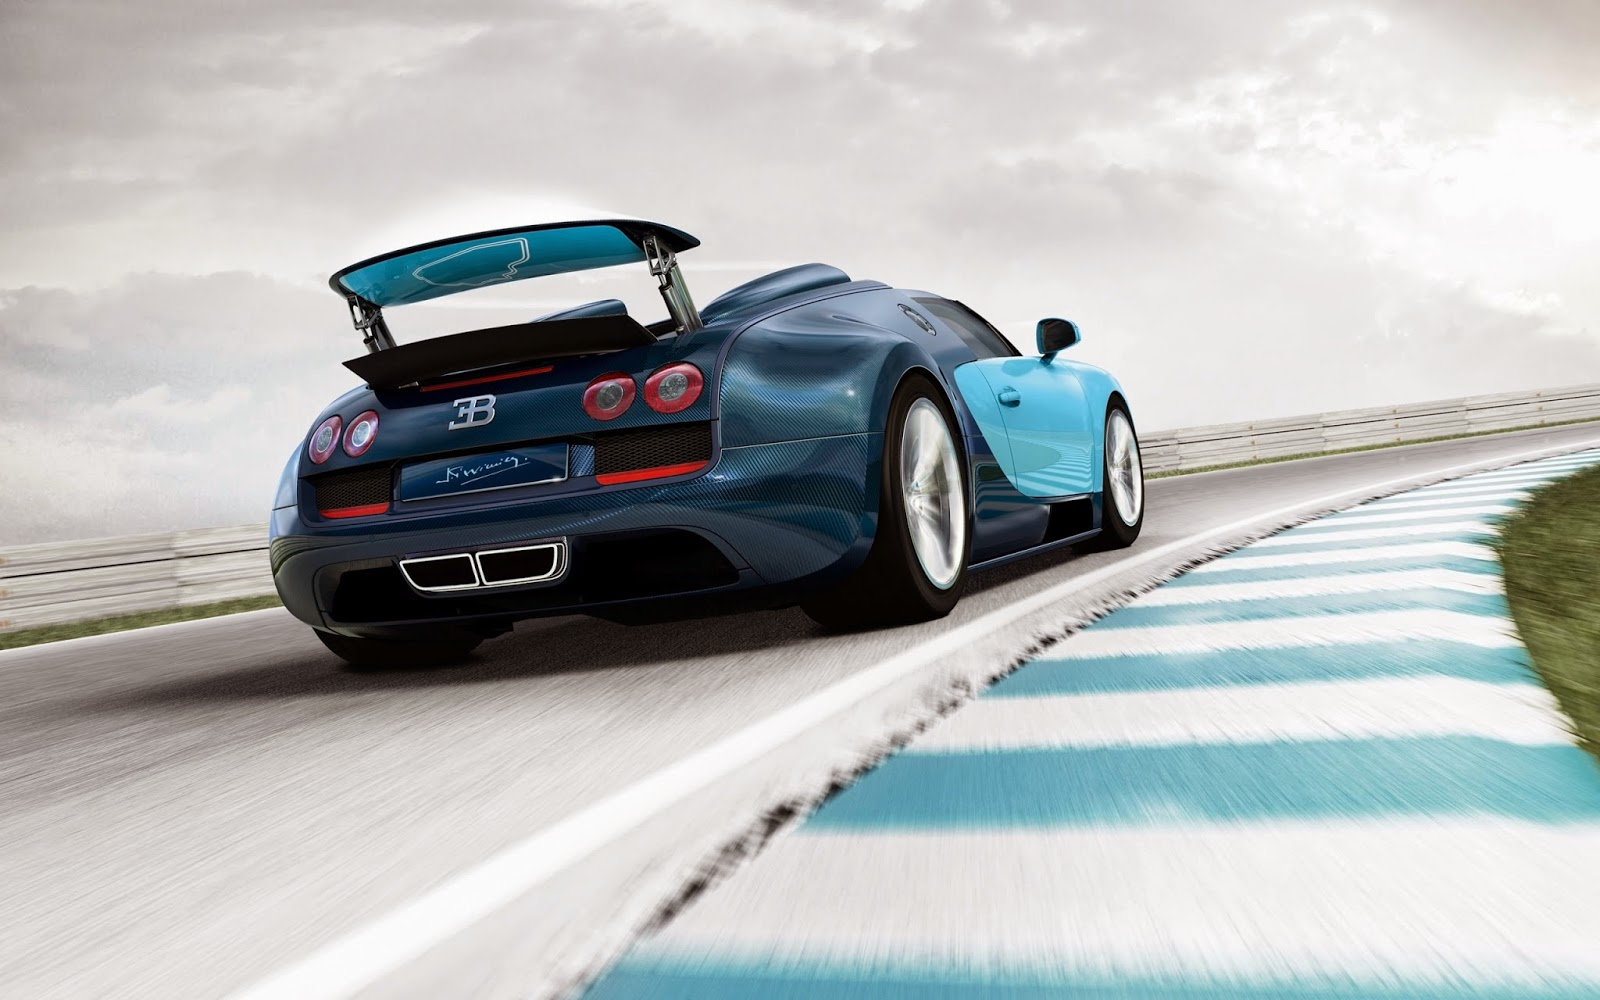 """<img src=""""http://4.bp.blogspot.com/-cScOCrLyIGE/UzEwjESu5_I/AAAAAAAALMc/iHWU52D2OO8/s1600/bugatti-hd-car.jpg"""" alt=""""Bugatti Wallpapers"""" />"""